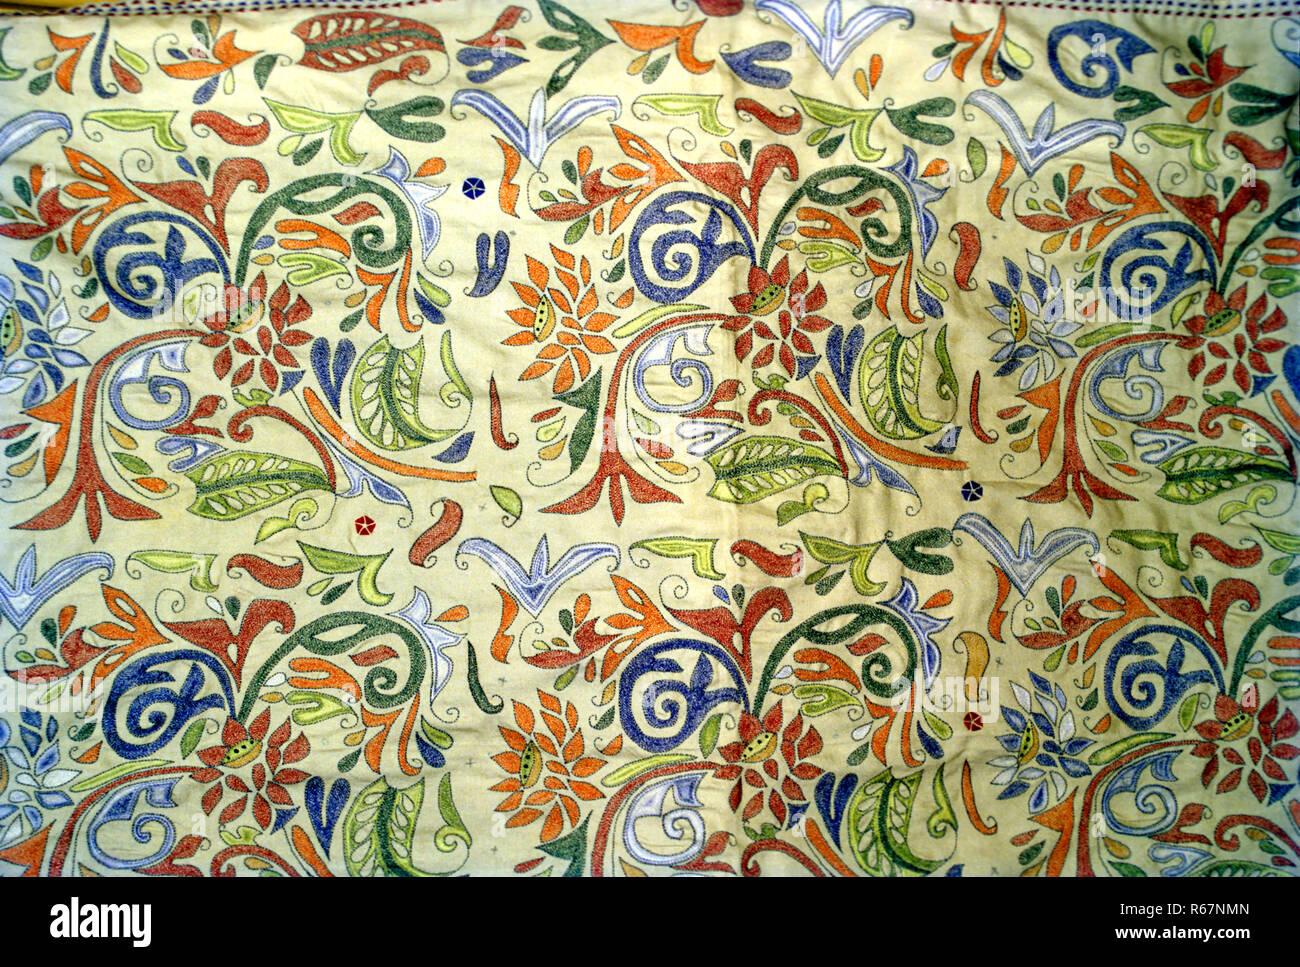 batik, printed cloth - Stock Image